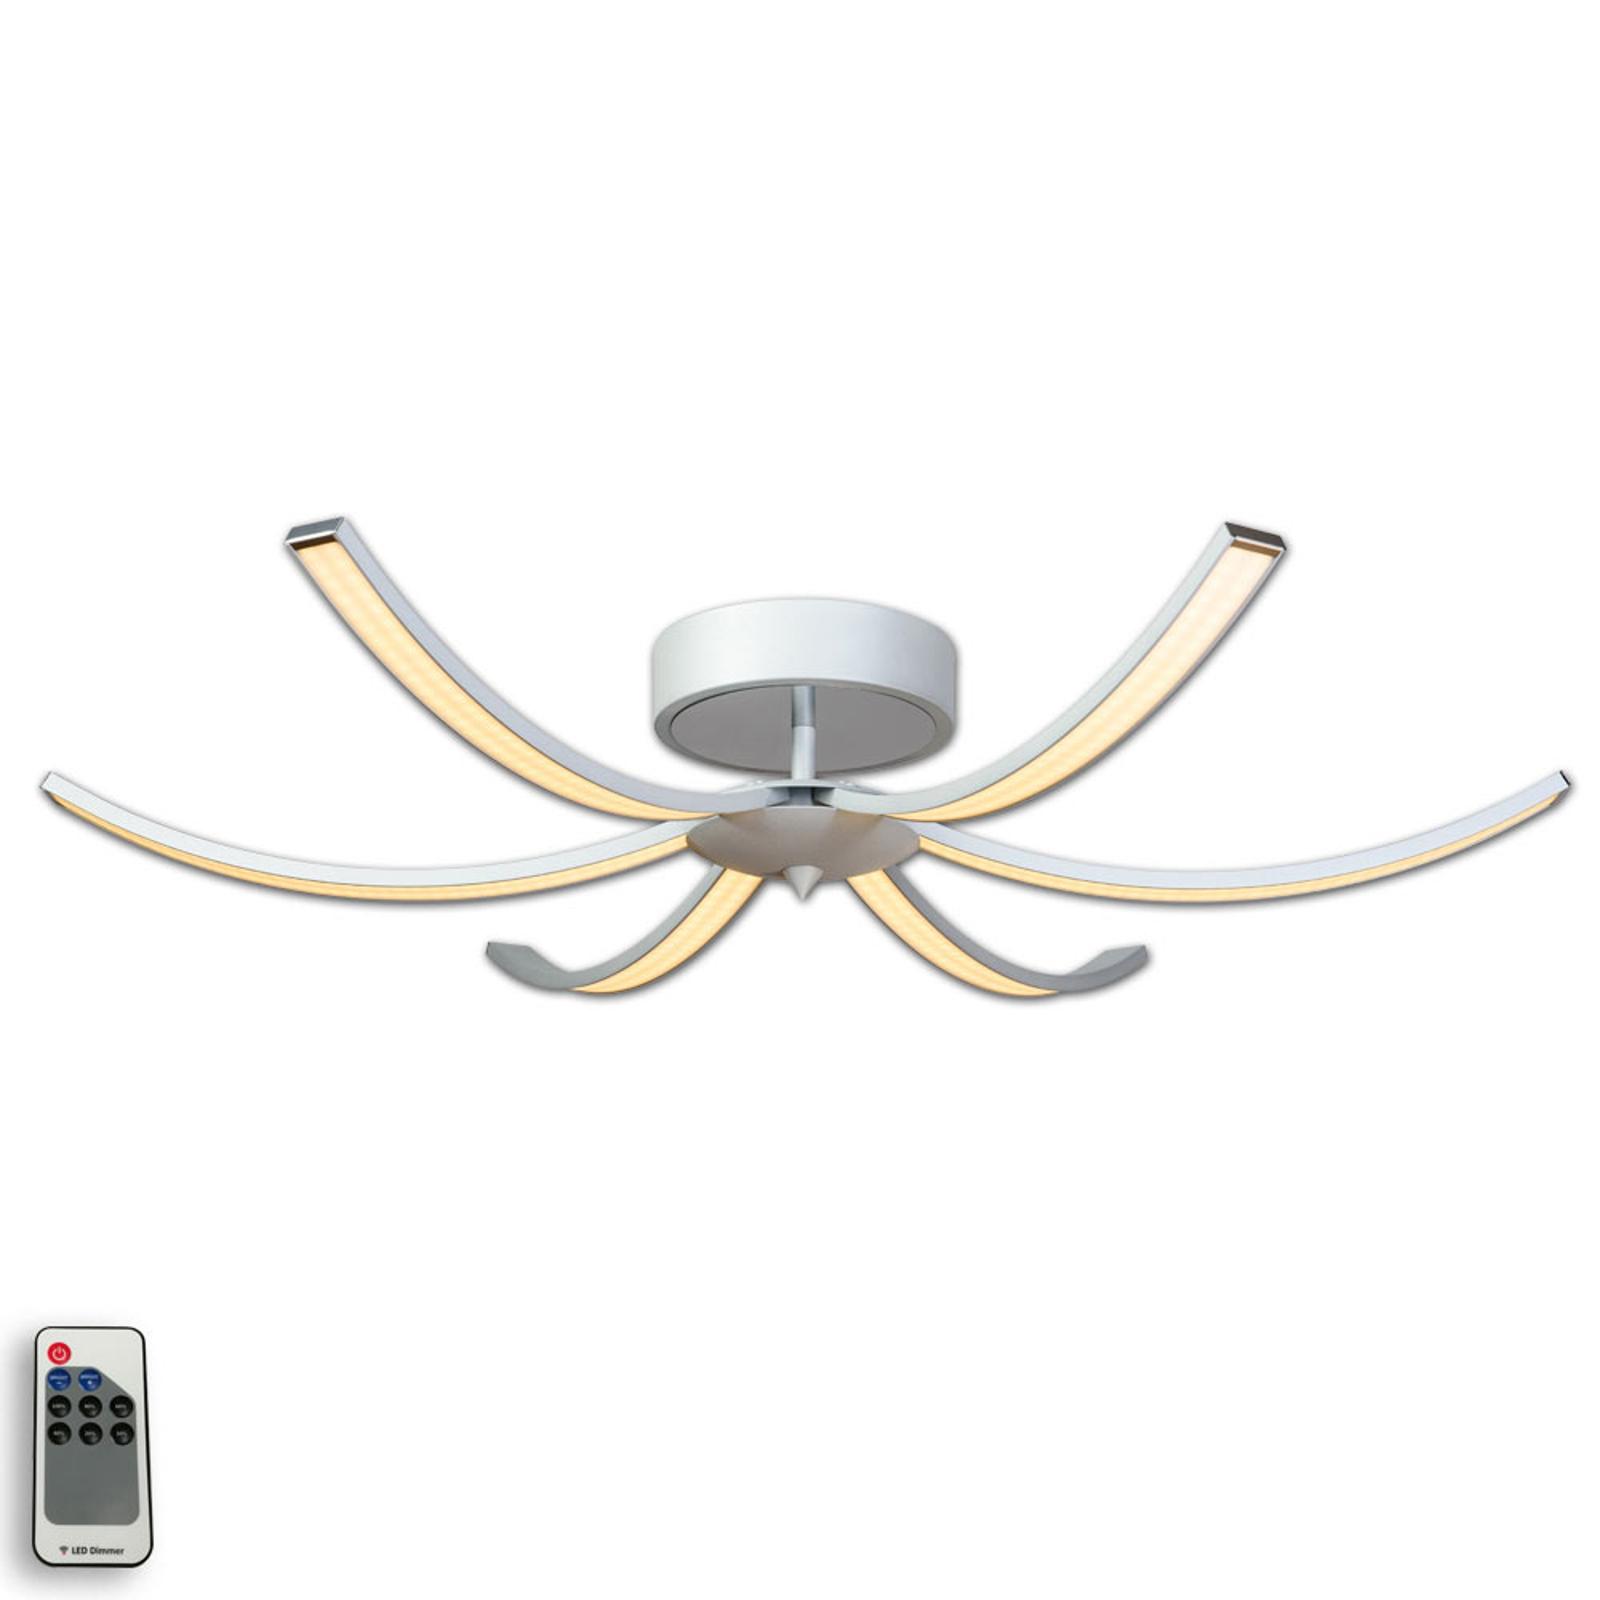 LED-taklampe Umbra, 6 lyskilder, 91 cm aluminium